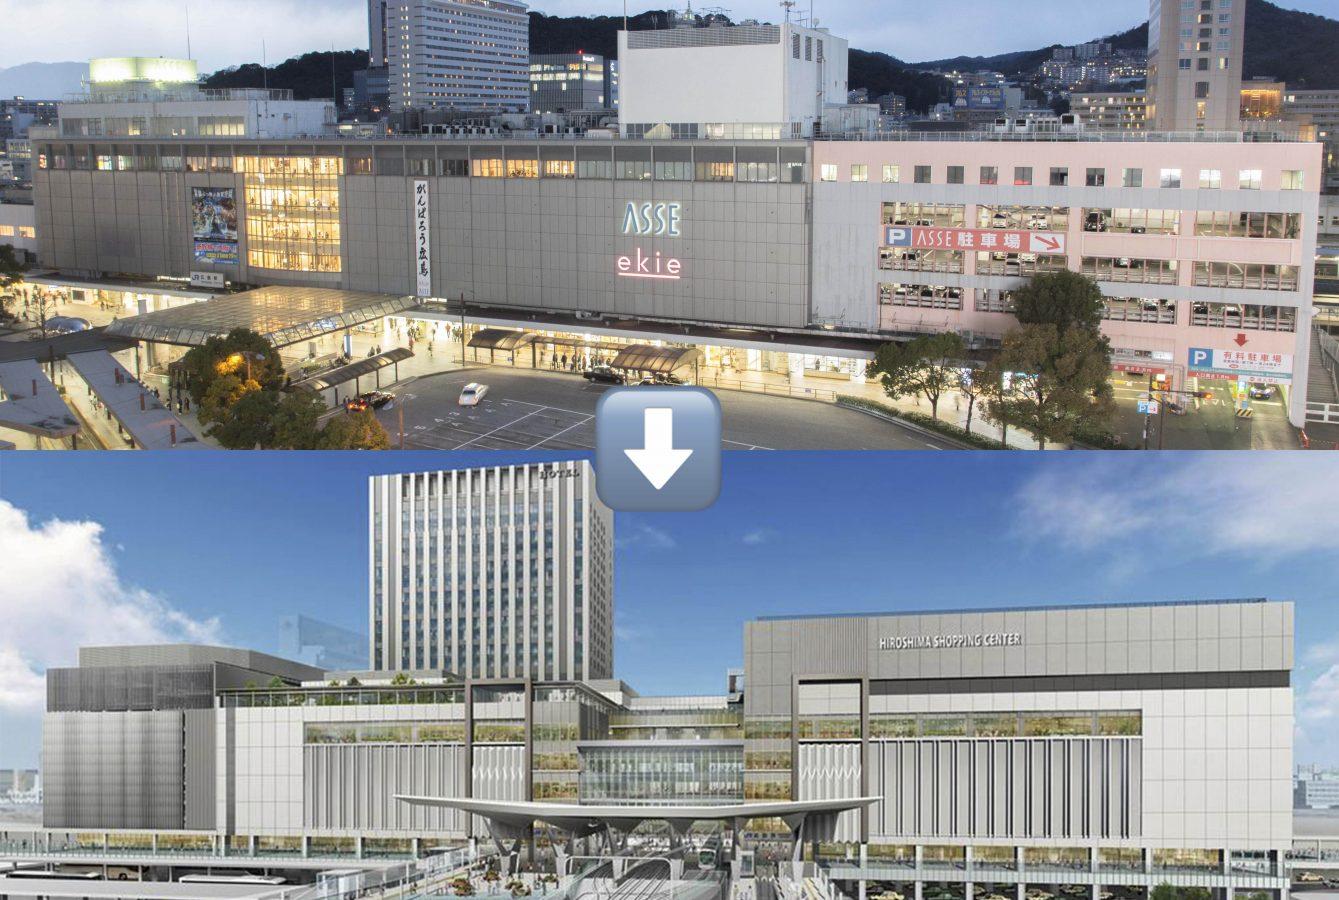 """広島駅が変わる!""""「広島駅ビル」建て替え計画の詳細が明らかに ..."""